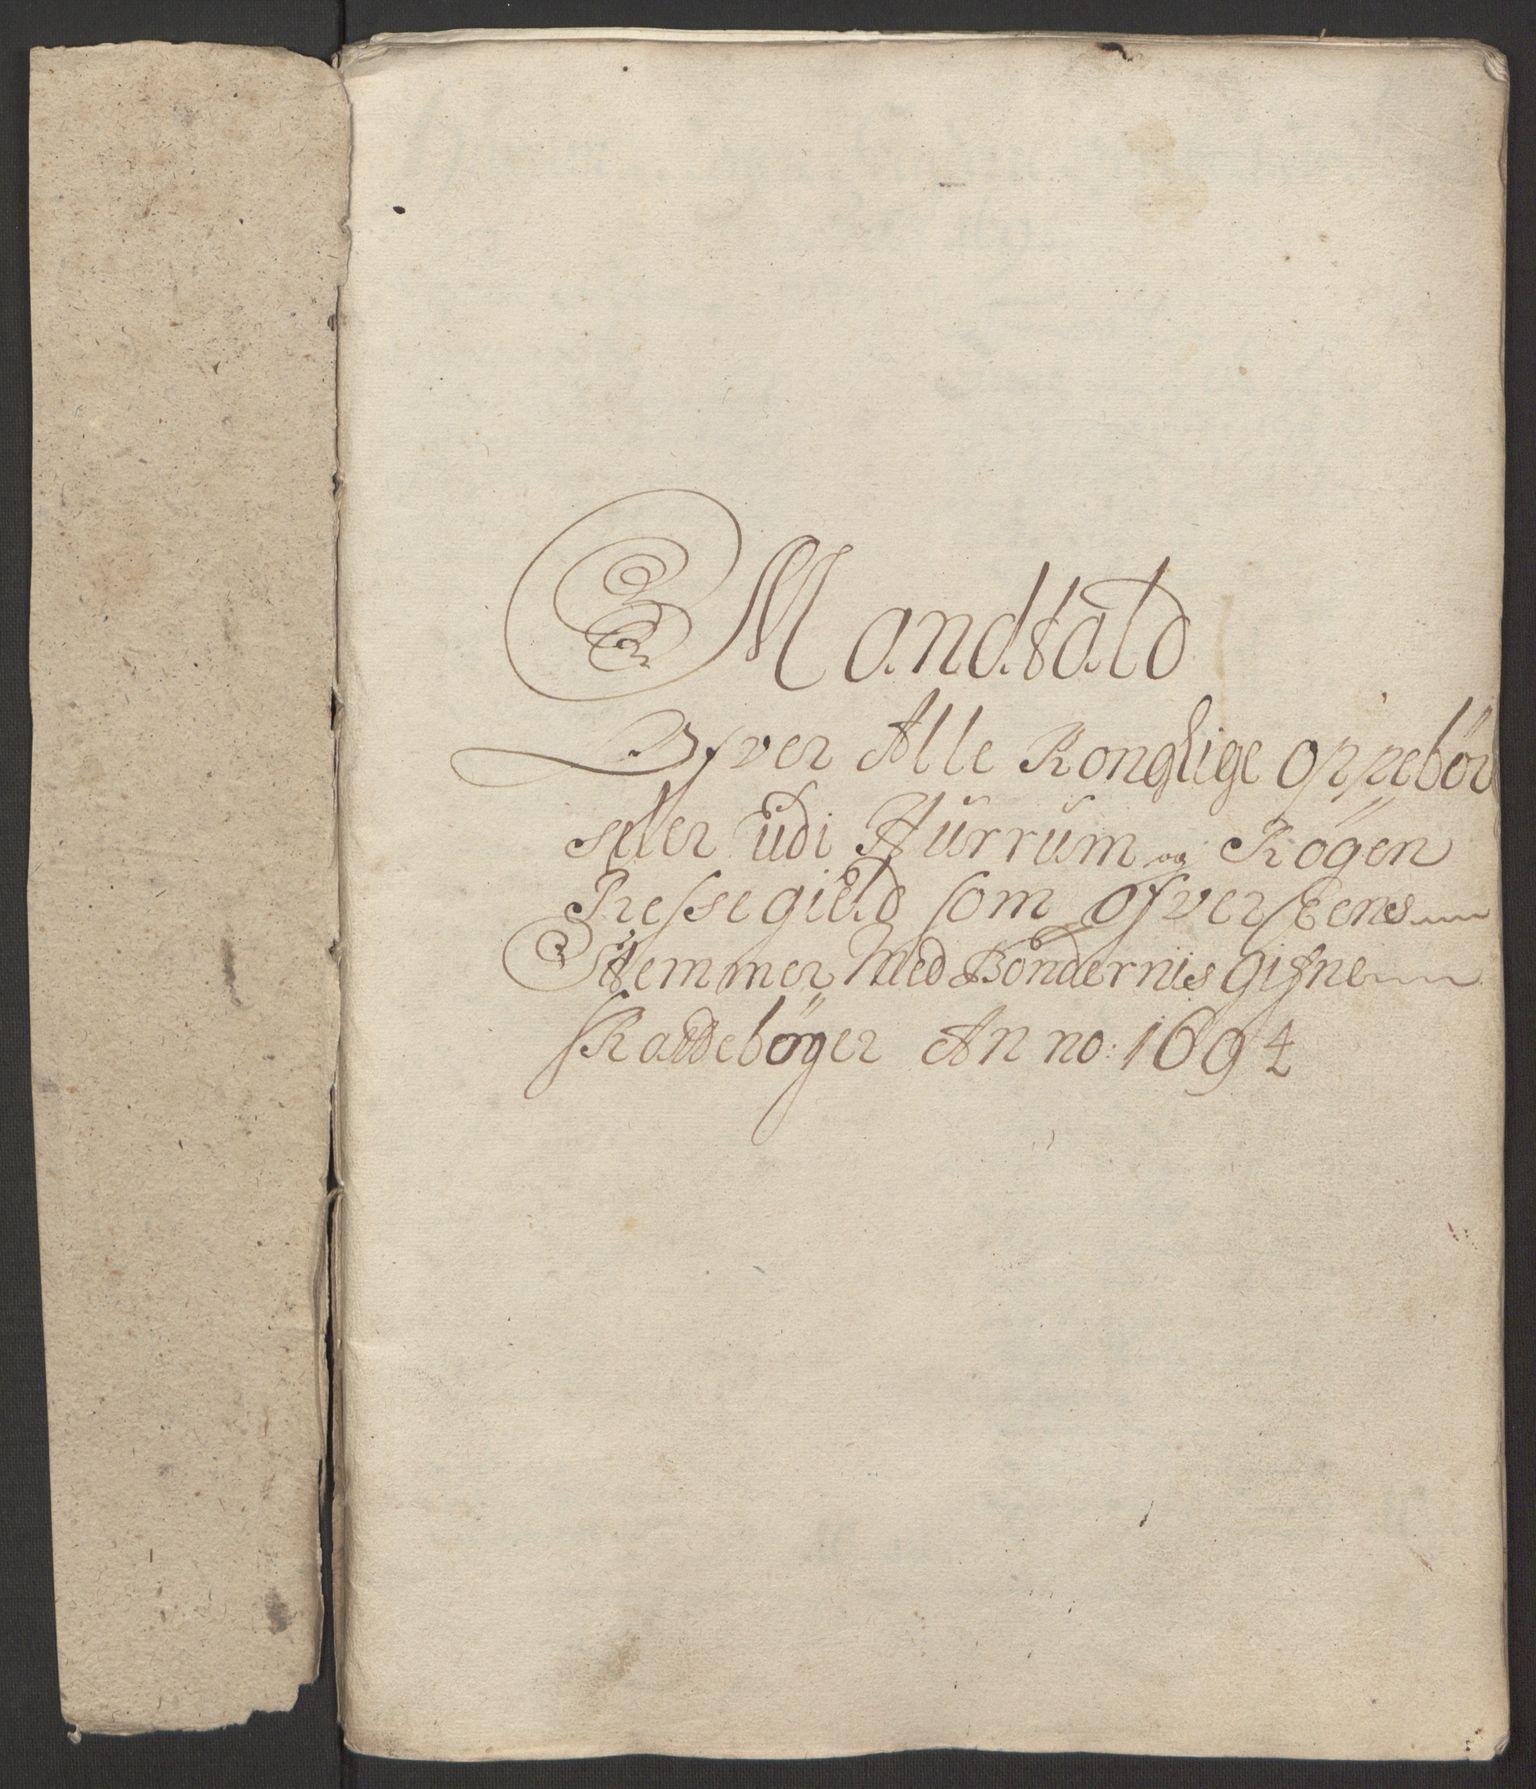 RA, Rentekammeret inntil 1814, Reviderte regnskaper, Fogderegnskap, R30/L1694: Fogderegnskap Hurum, Røyken, Eiker og Lier, 1694-1696, s. 33